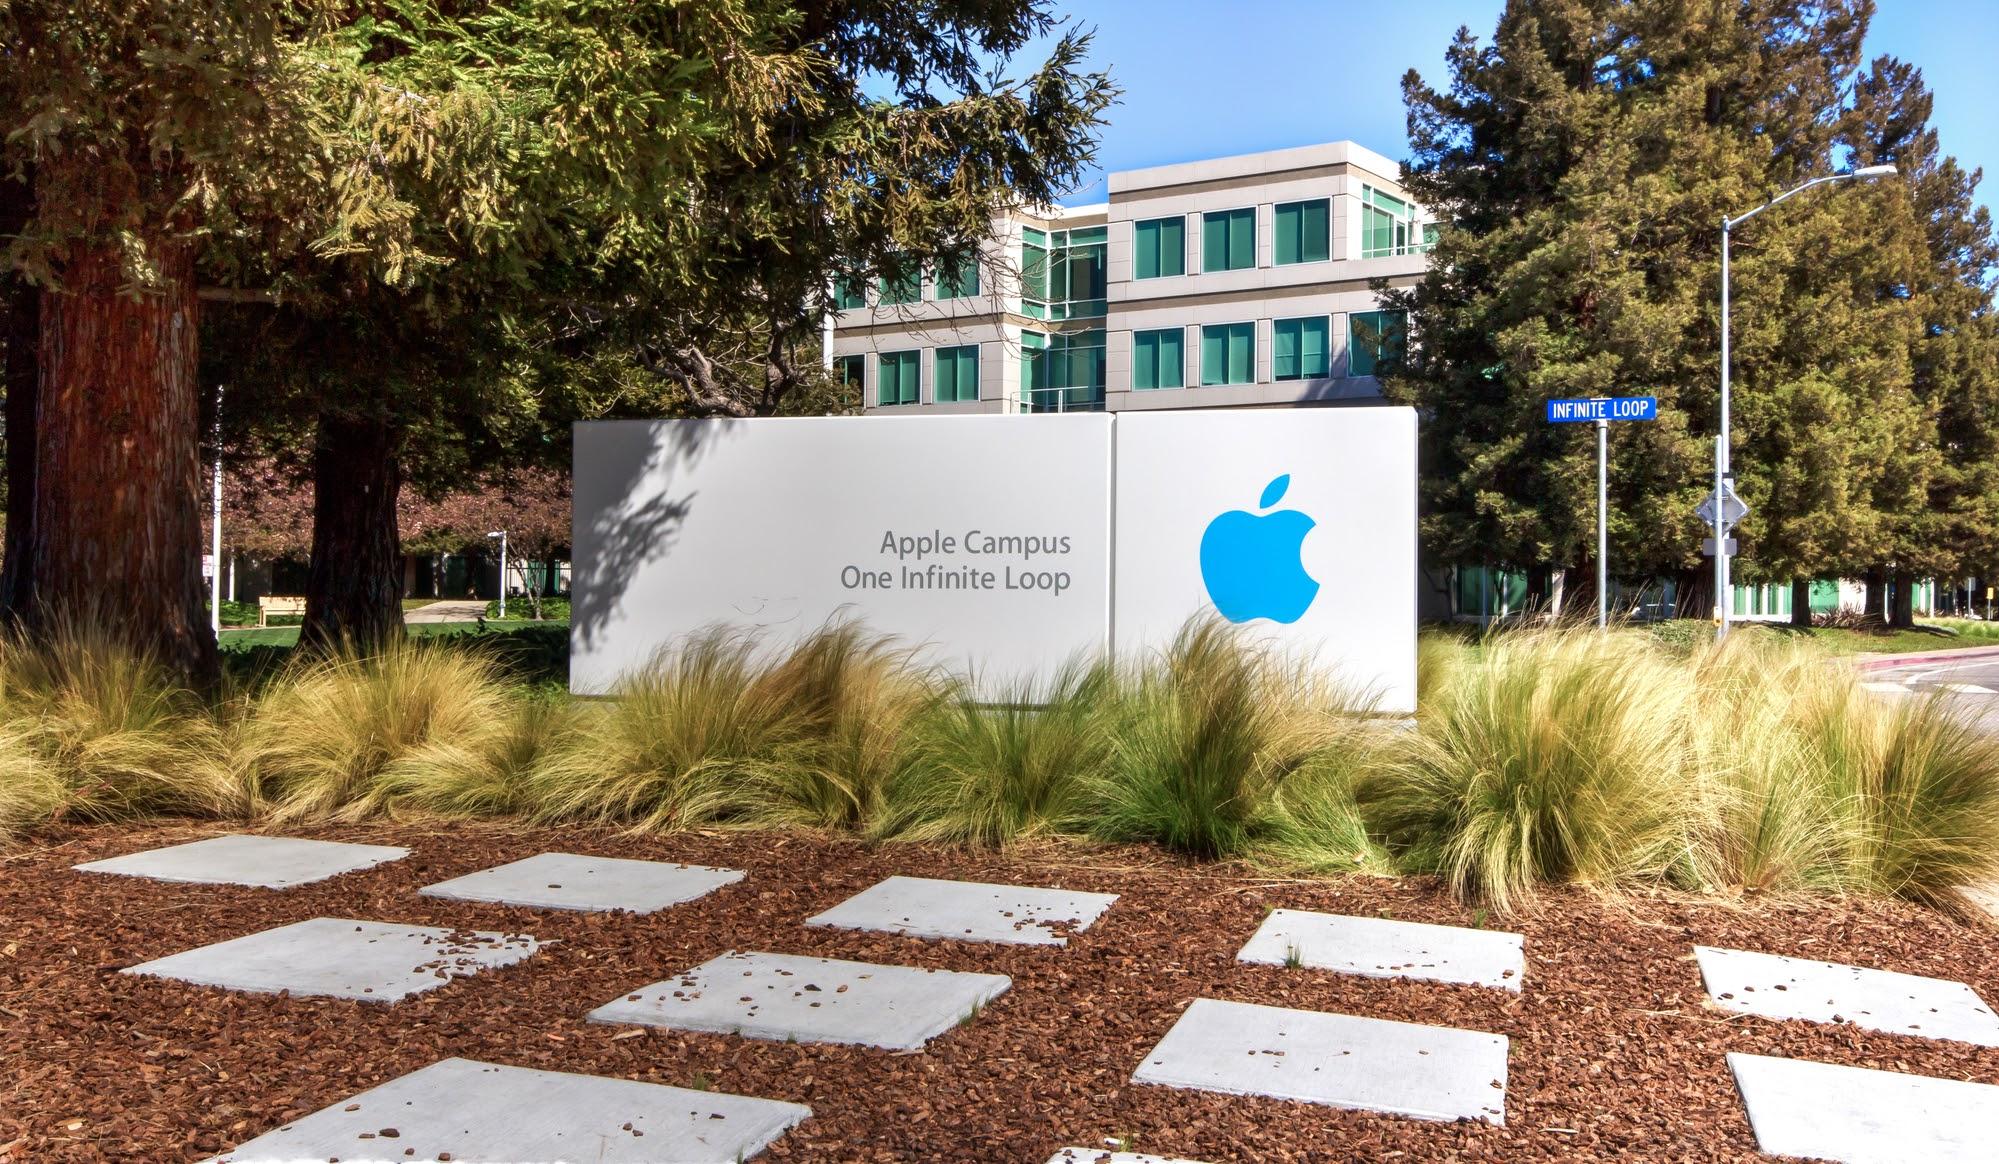 Кремниевая долина в Калифорнии отличается высокой плотностью высокотехнологичных компаний. Здесь находятся штаб-квартиры Apple, Intel, Xerox и не только